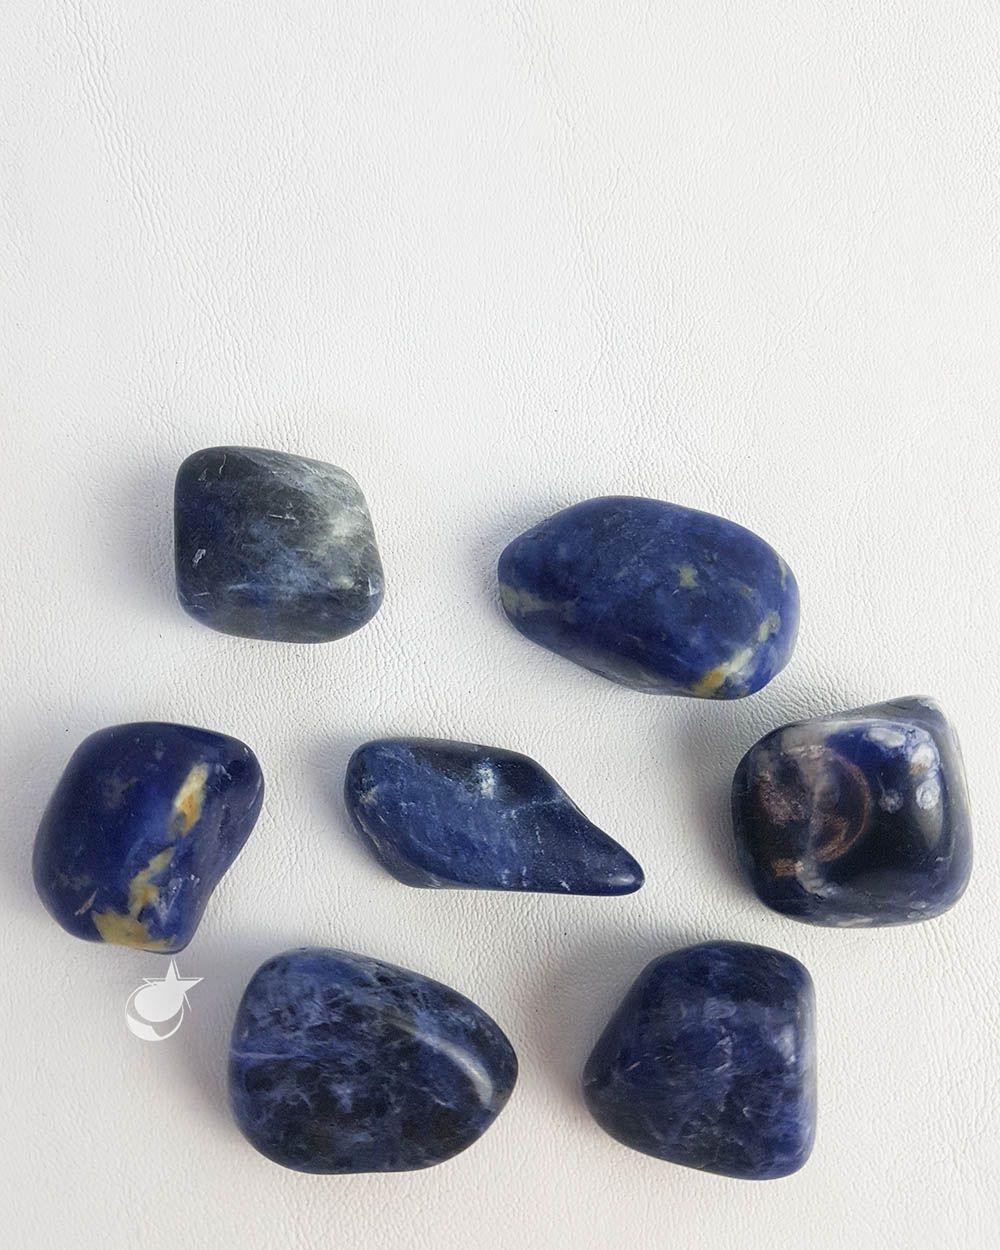 SODALITA ROLADA -  PACOTE COM 100g (6 a 7 pedras)